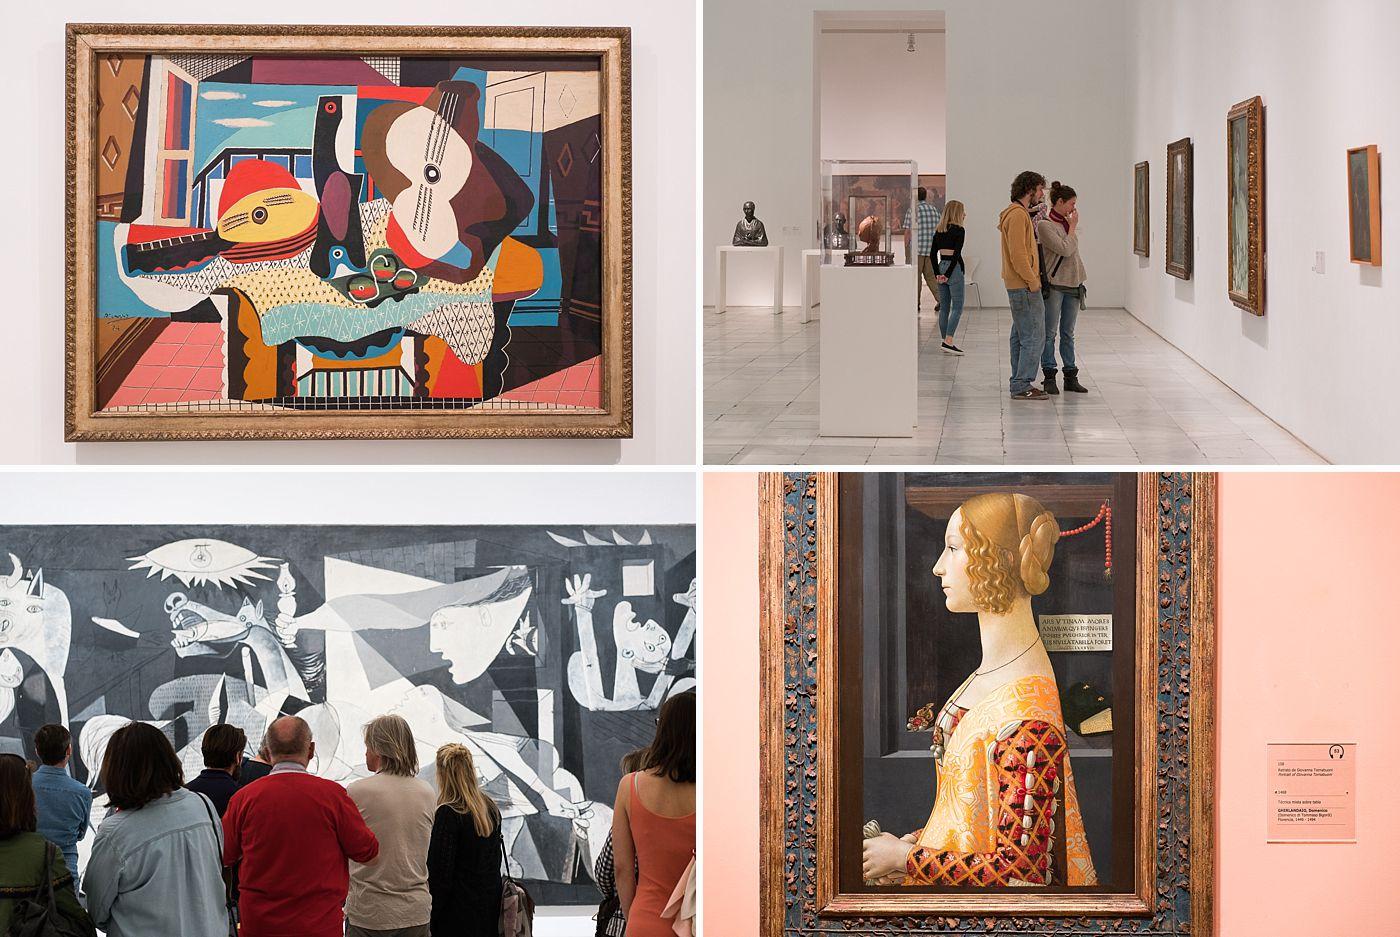 kunstmuseum i madrid spania